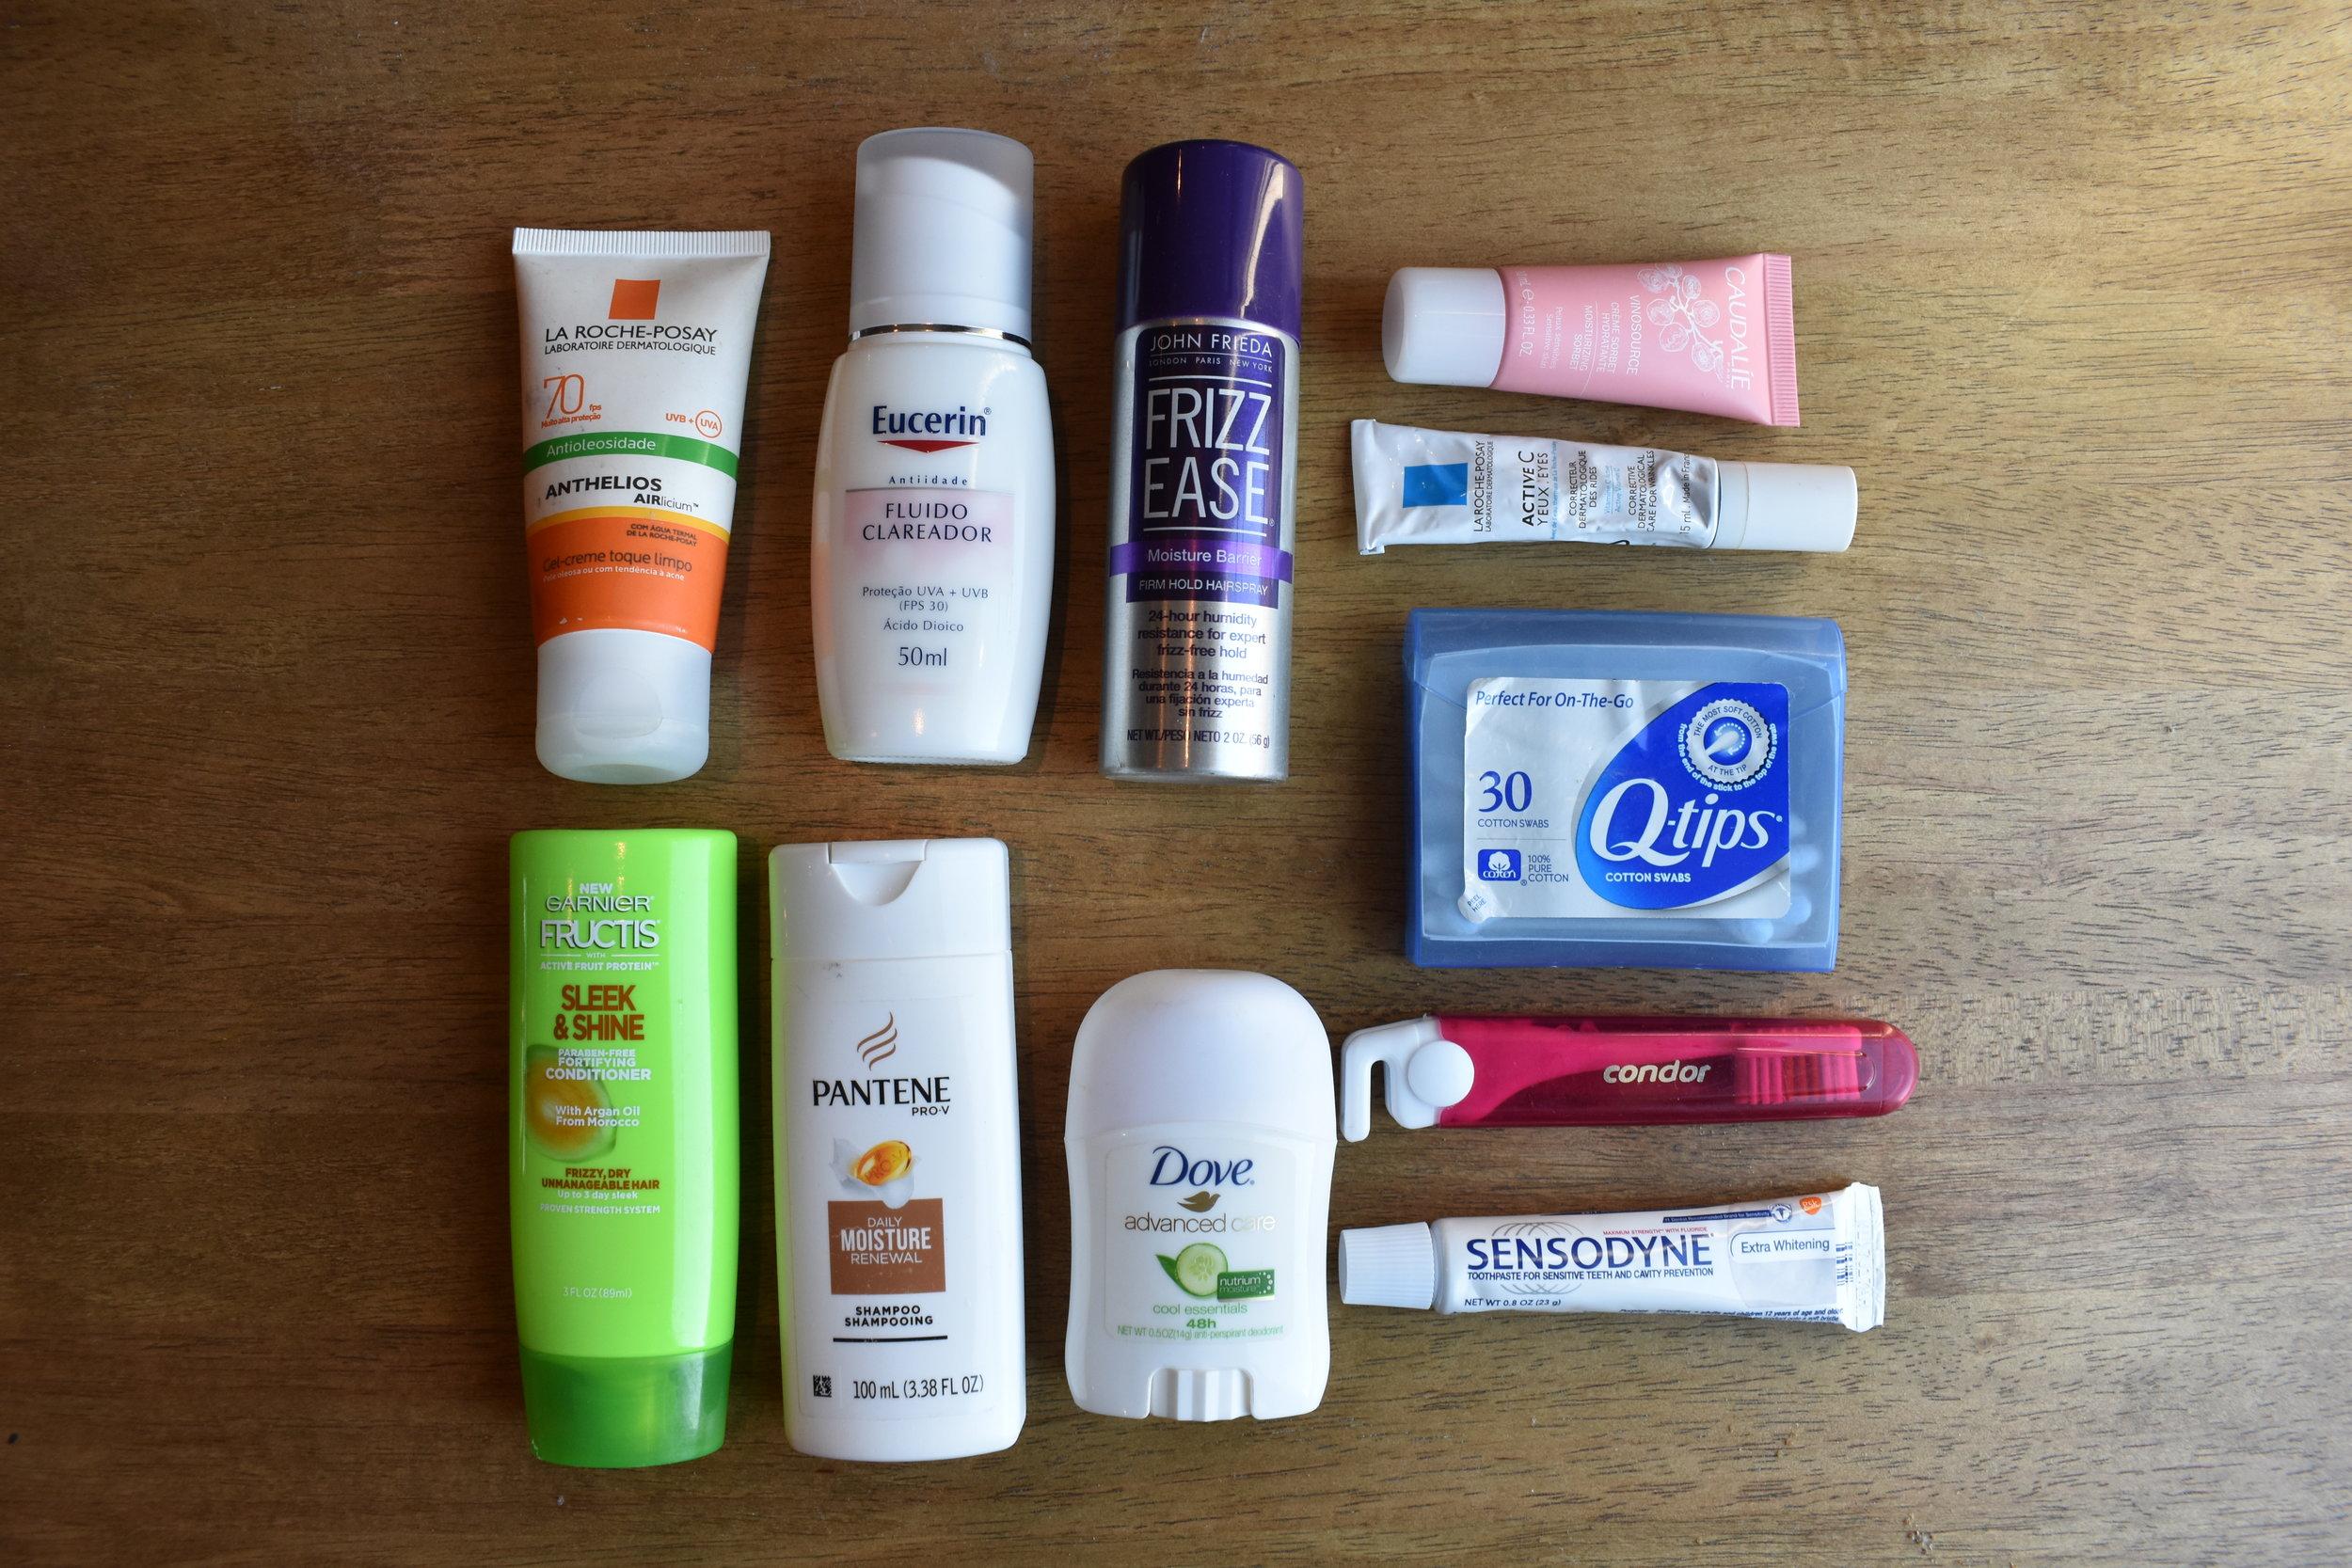 Produtos de higiêne permitidos na bagagem de mão.